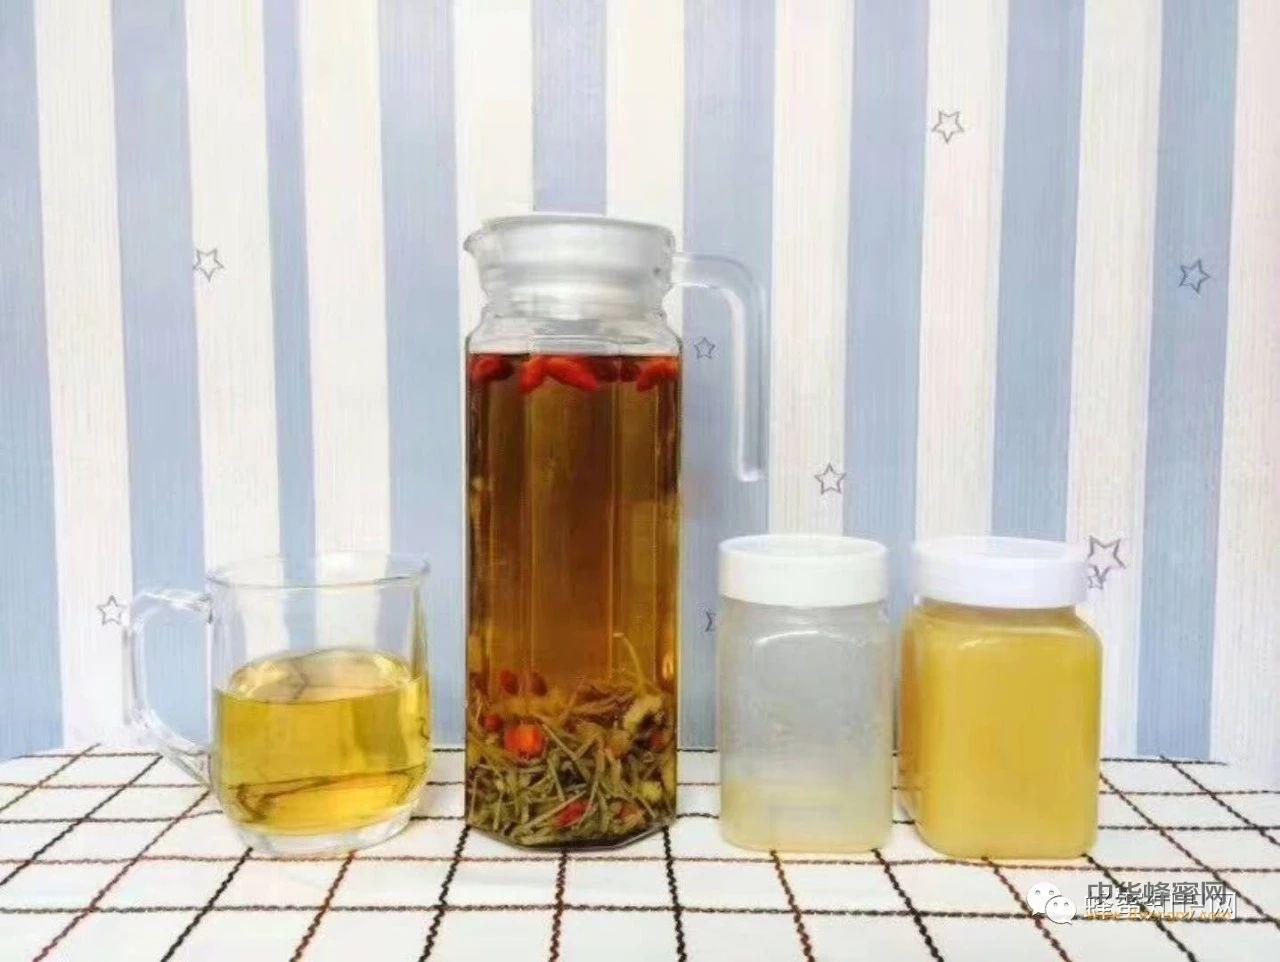 秋天千万别喝蜂蜜,原因有这7点。